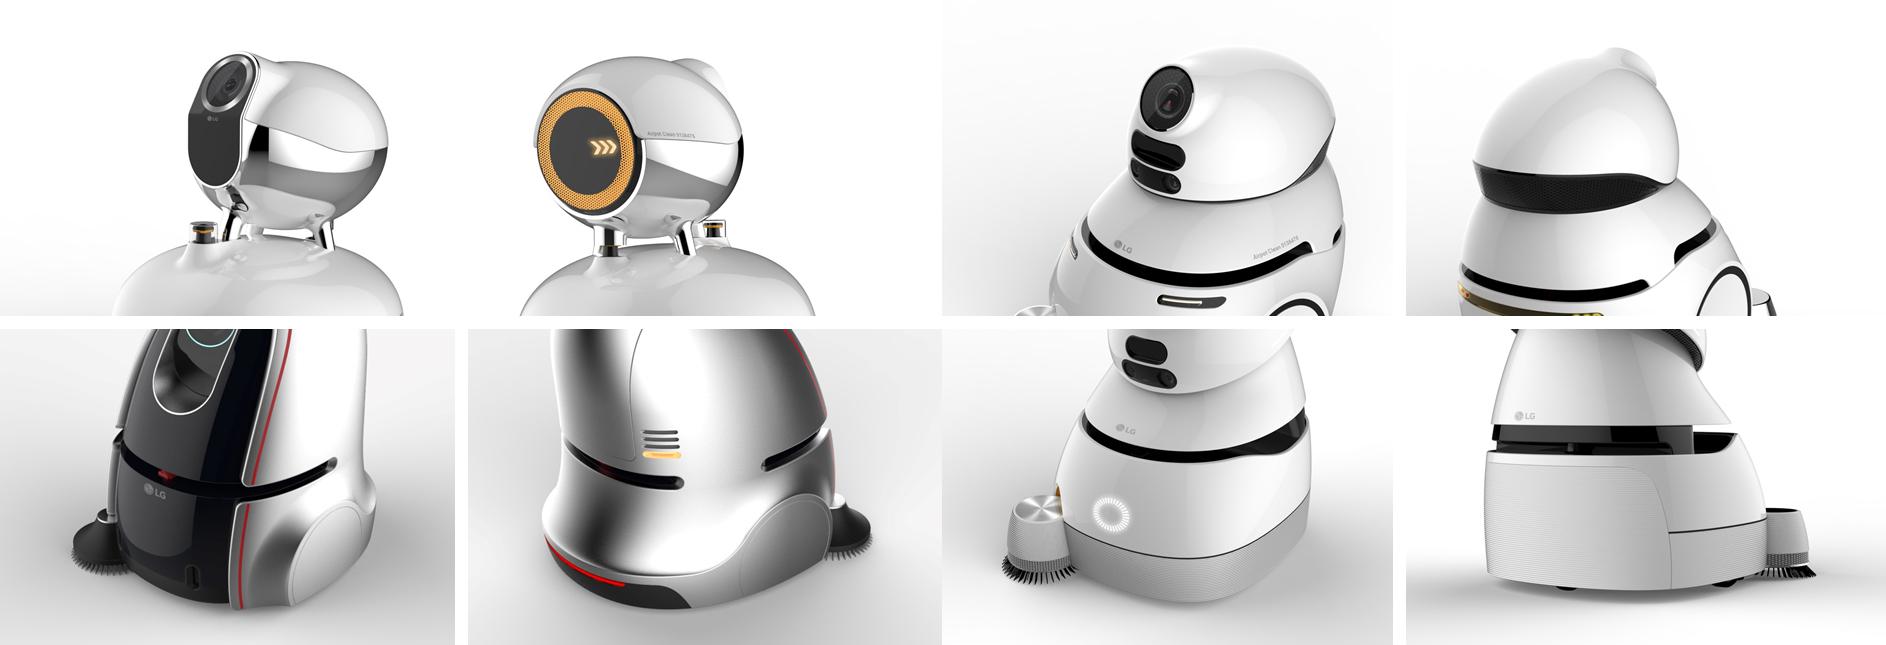 '청소 로봇' 초기 디자인